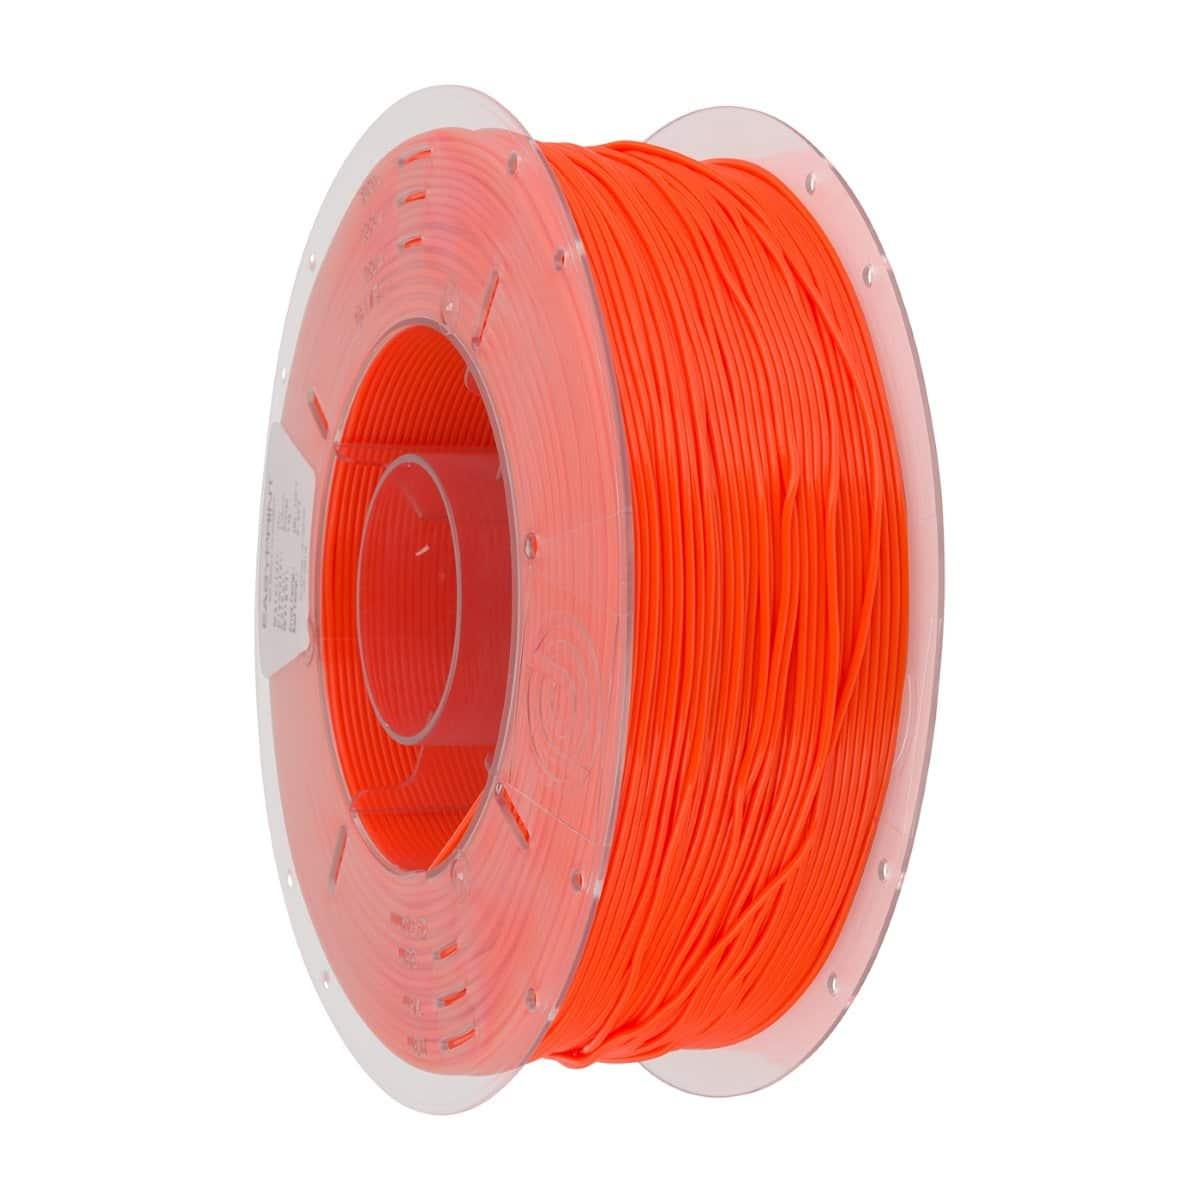 Image of PrimaCreator™ EasyPrint FLEX 95A - 1.75mm - 1 kg - Orange